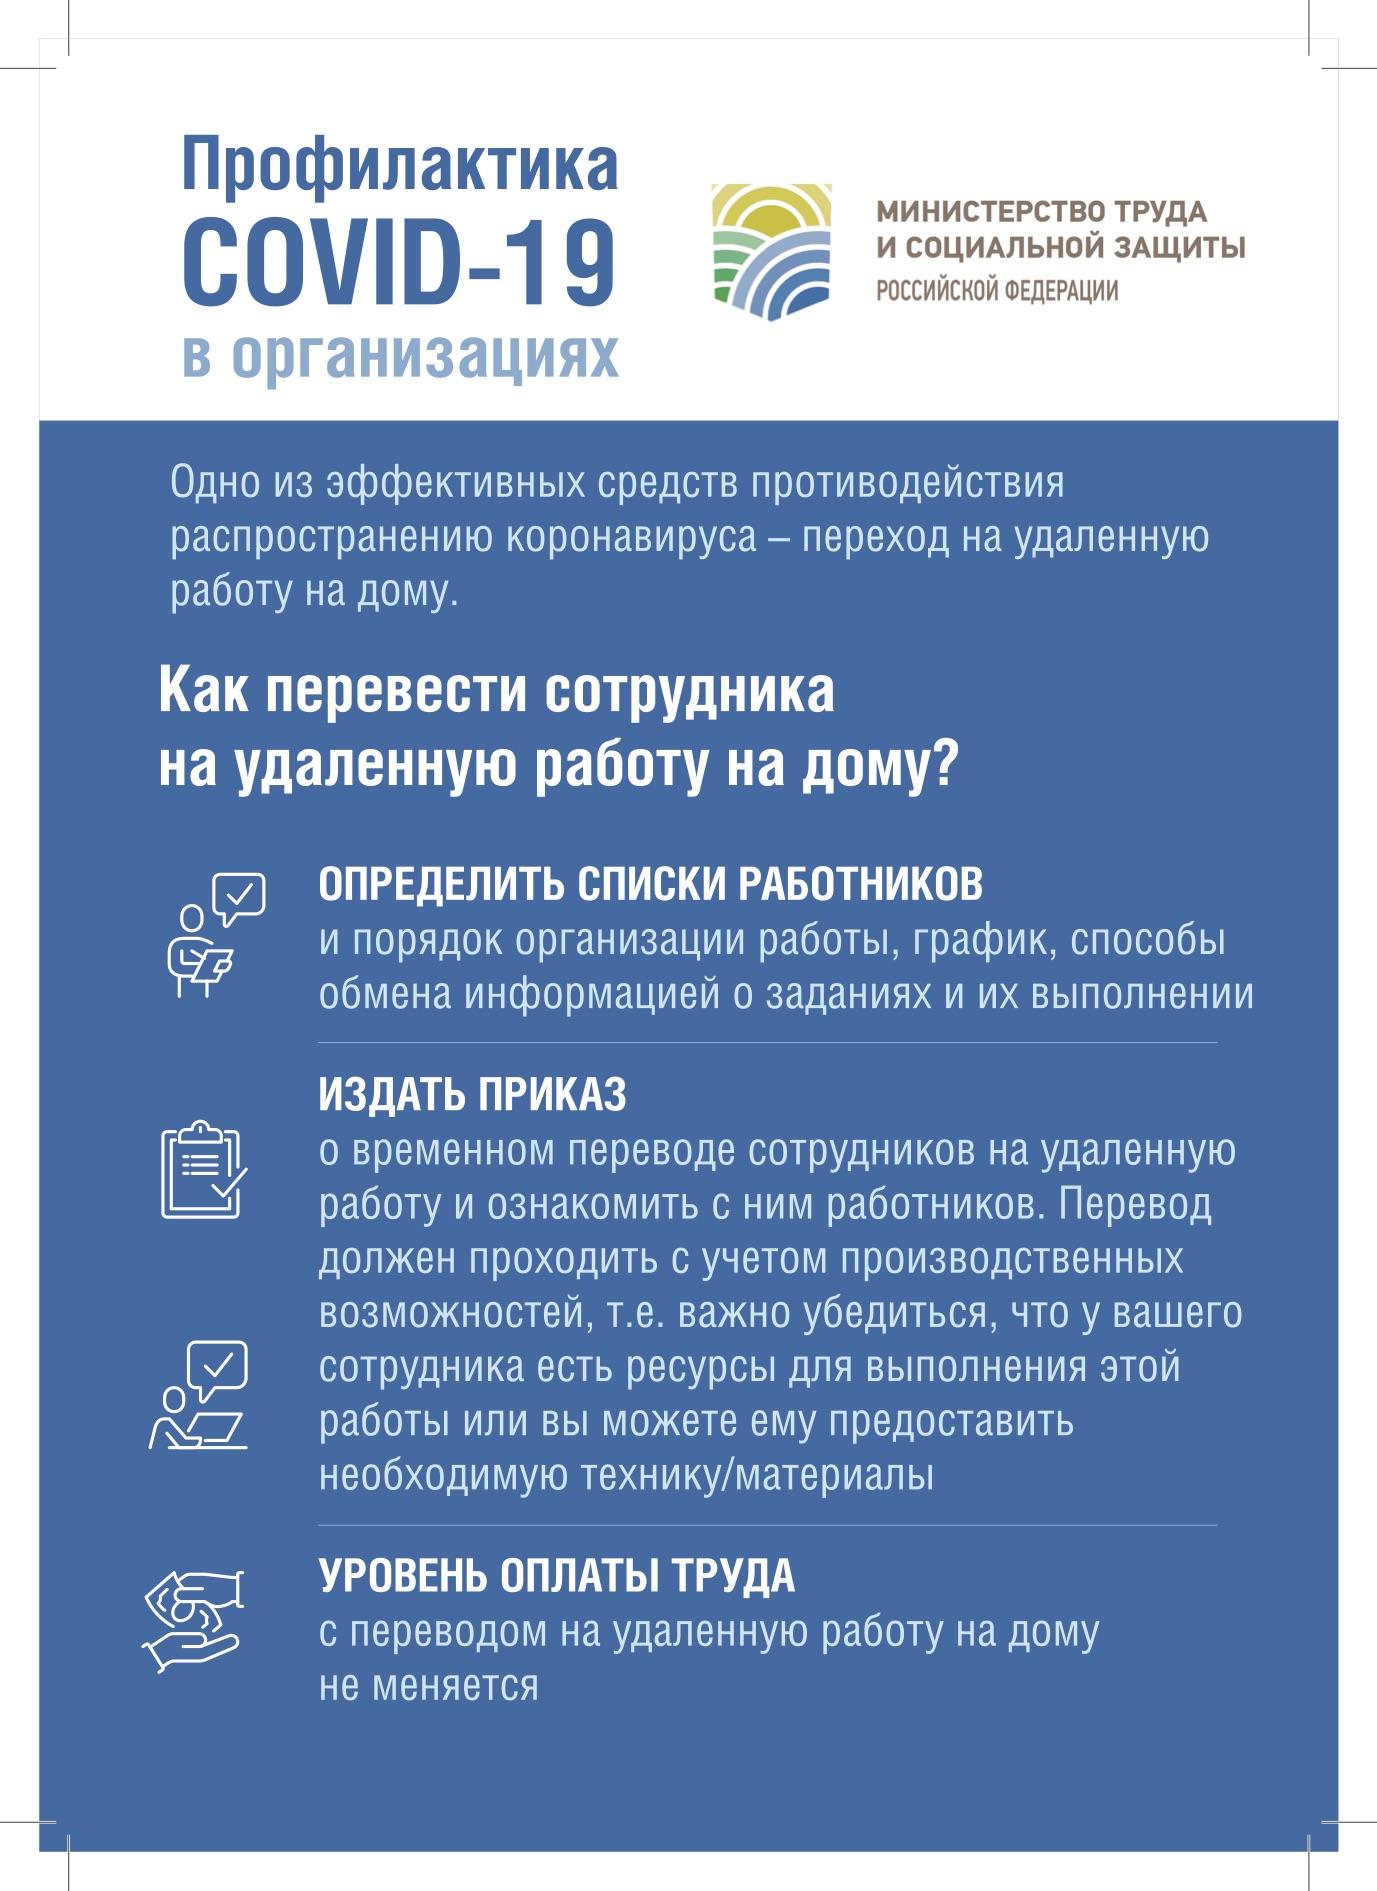 Профилактика COVID-19 в компаниях